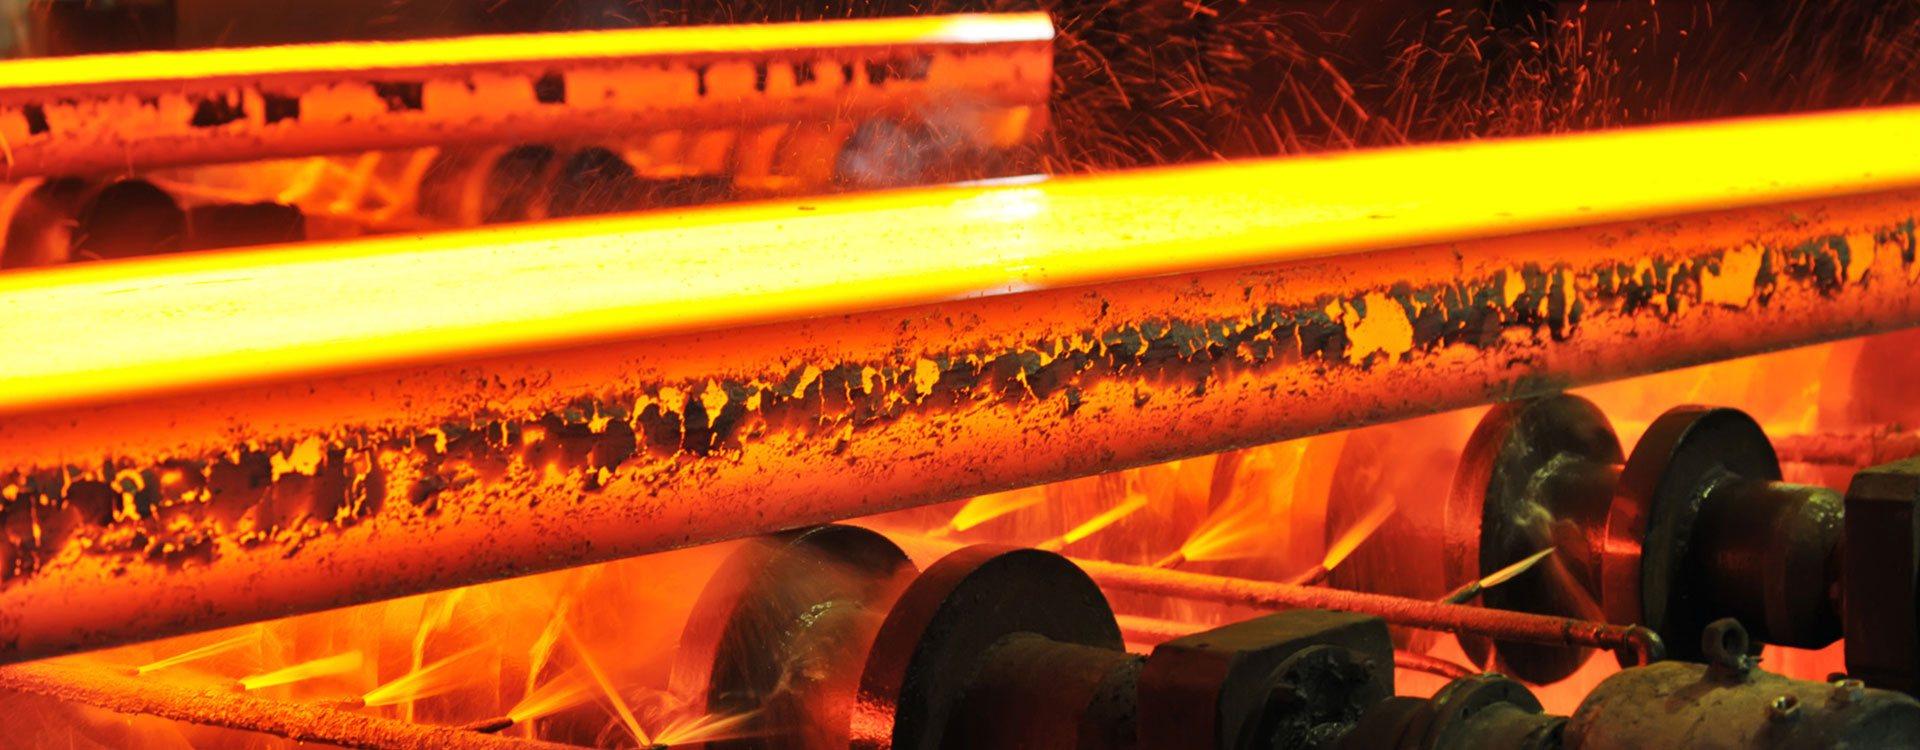 Z wytworami naszej produkcji Twoje inwestycje wytrzymają każdą temperaturę